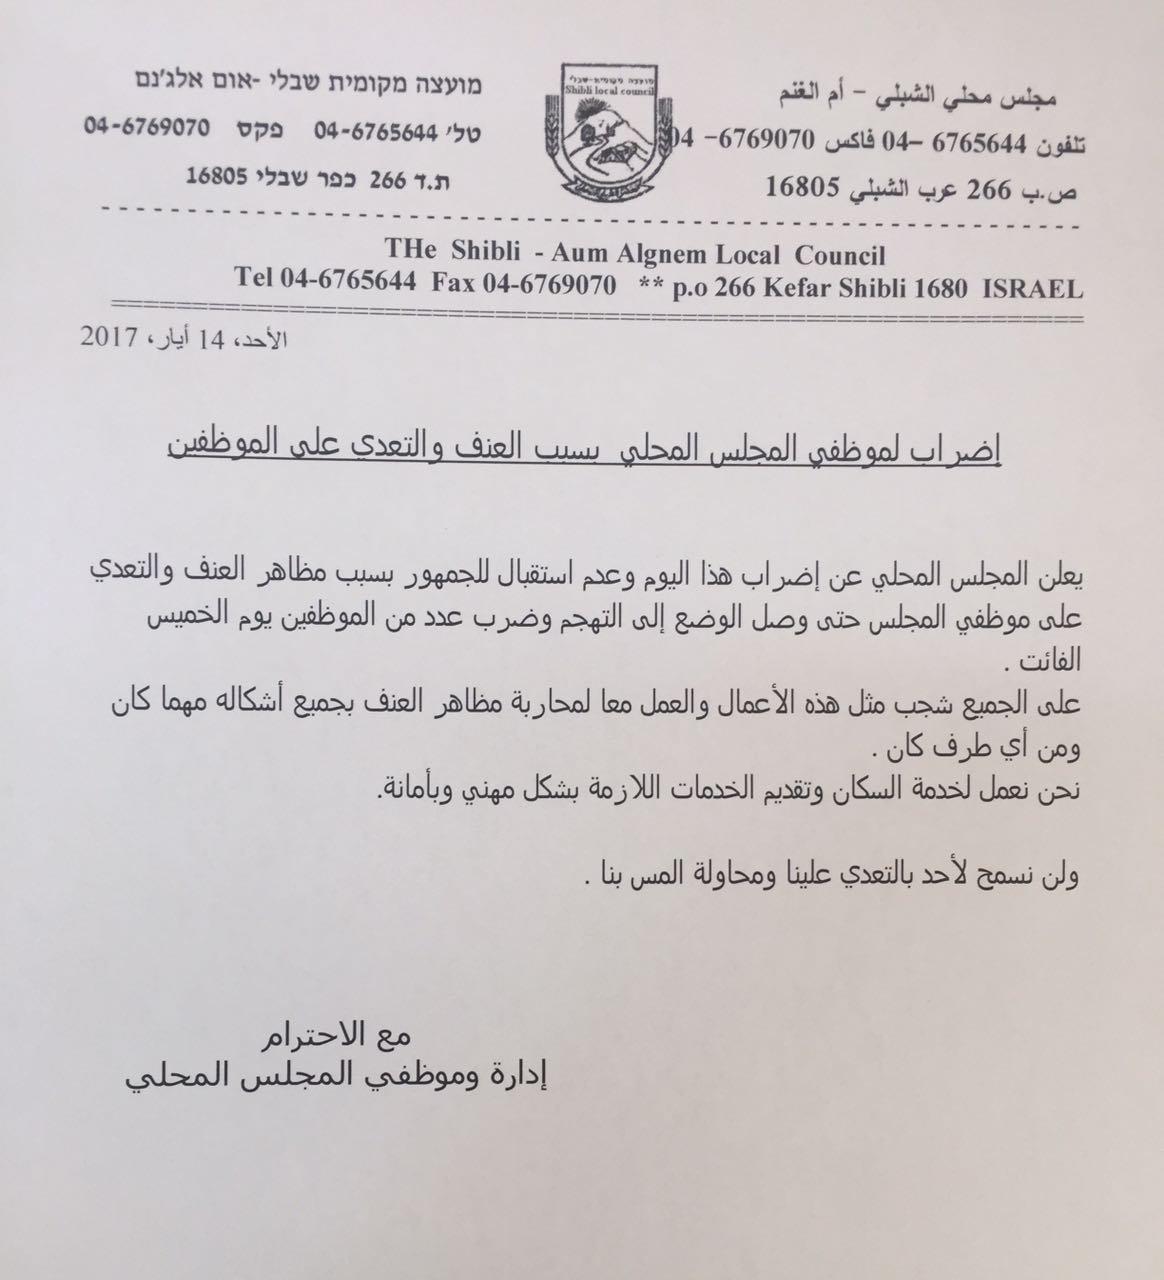 الشبلي أم الغنم: إضراب في المجلس بعد اعتداء على عدد من الموظفين